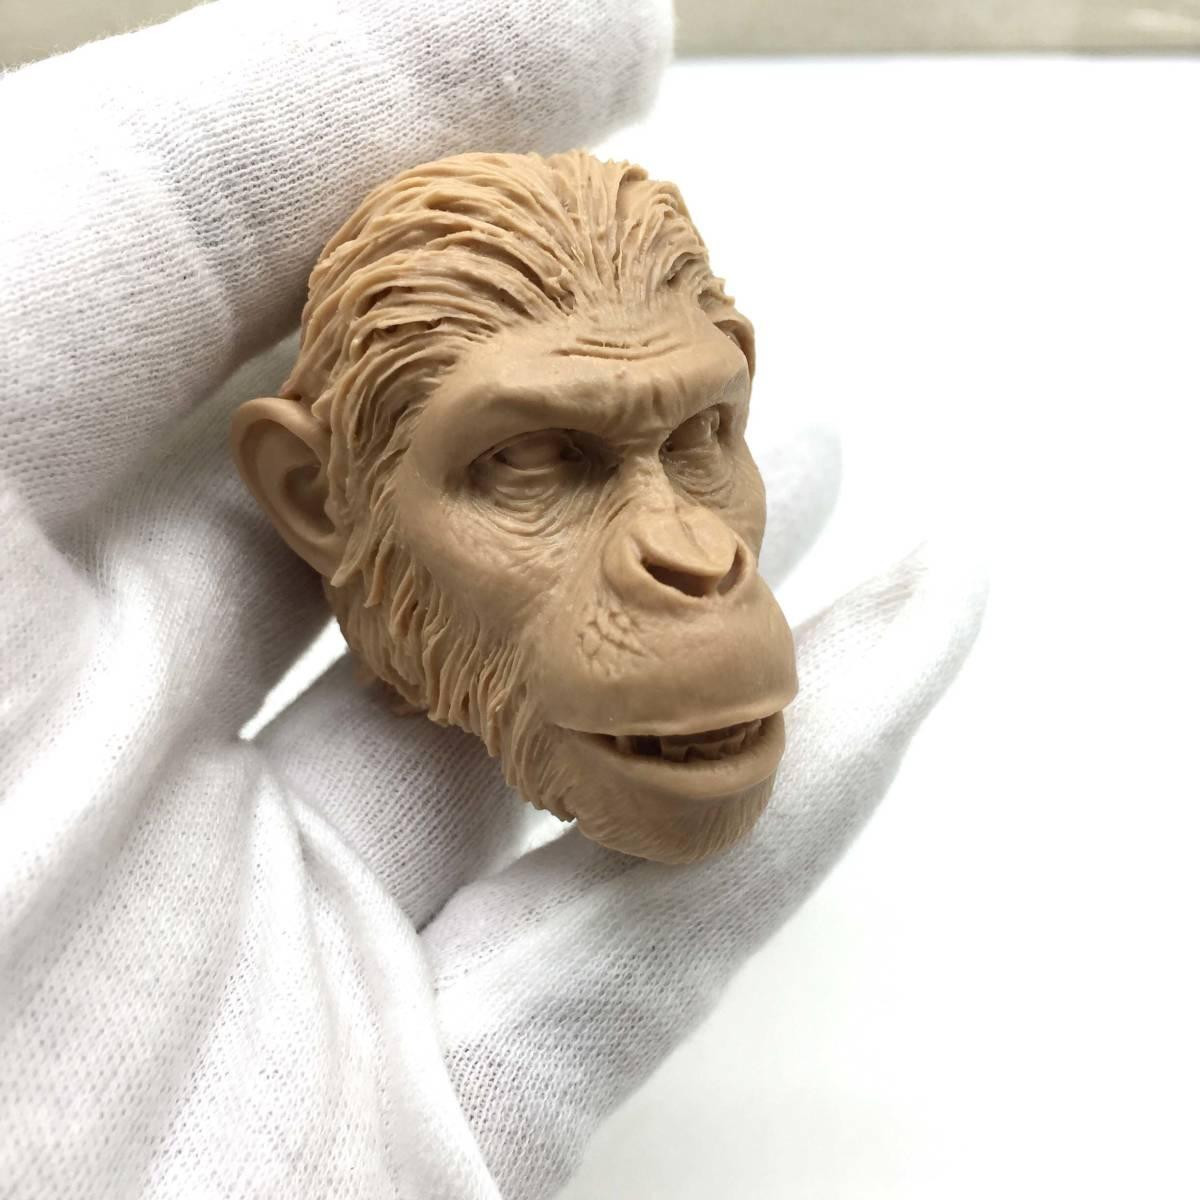 送料無料 1/6 DIY ヘッド 手作り 未塗装ヘッド 猿の惑星 番号B46_画像8